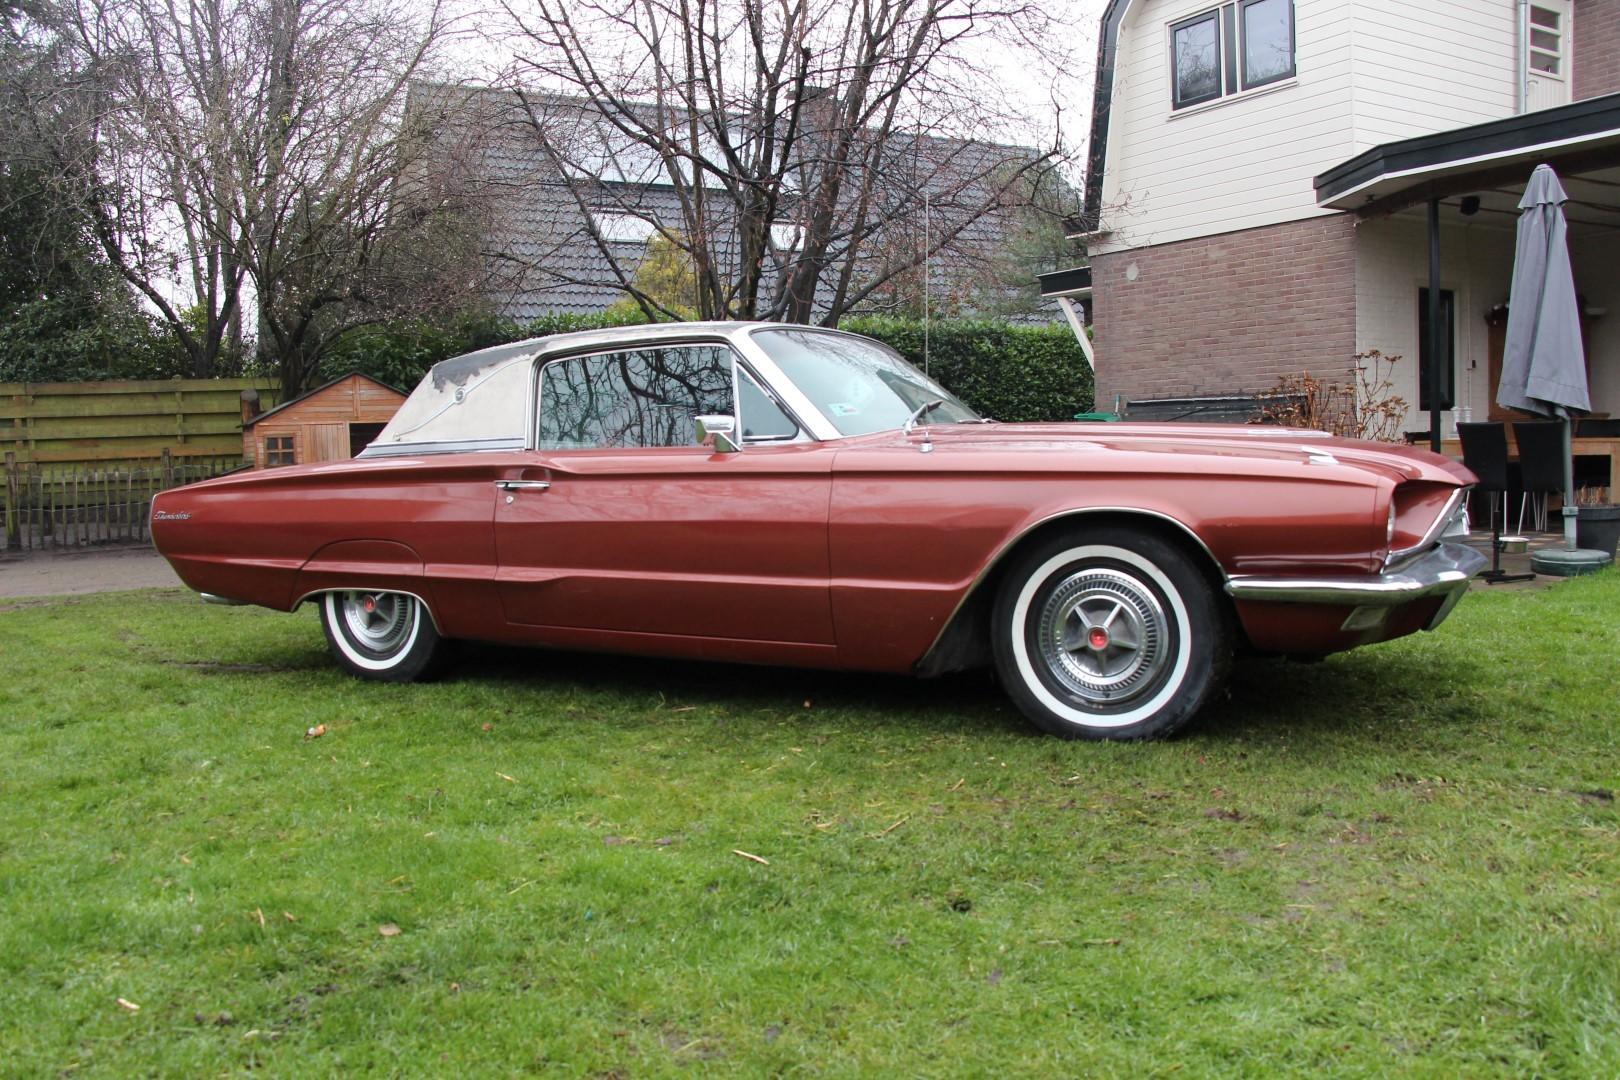 1966 Ford Thunderbird Town Landau 428 - emberglow (16)